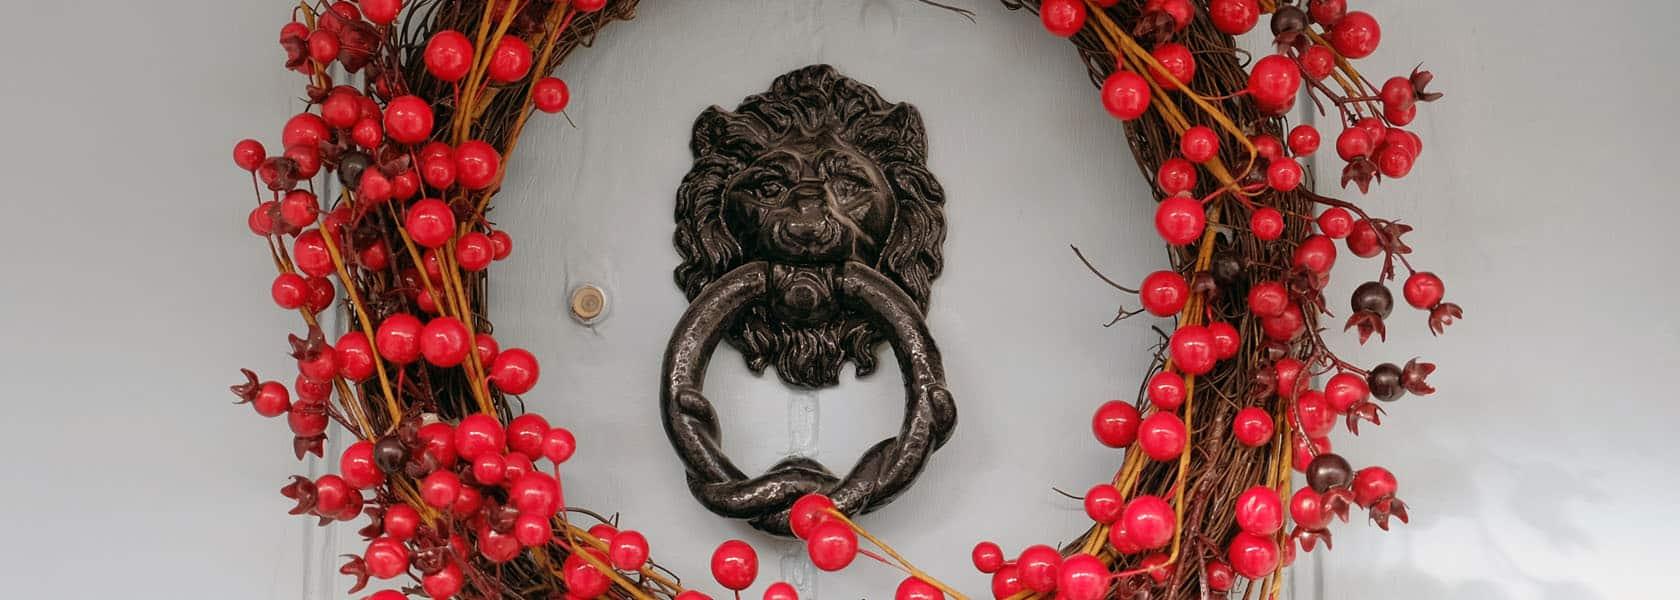 Door_Knocker_Wreath_1680px